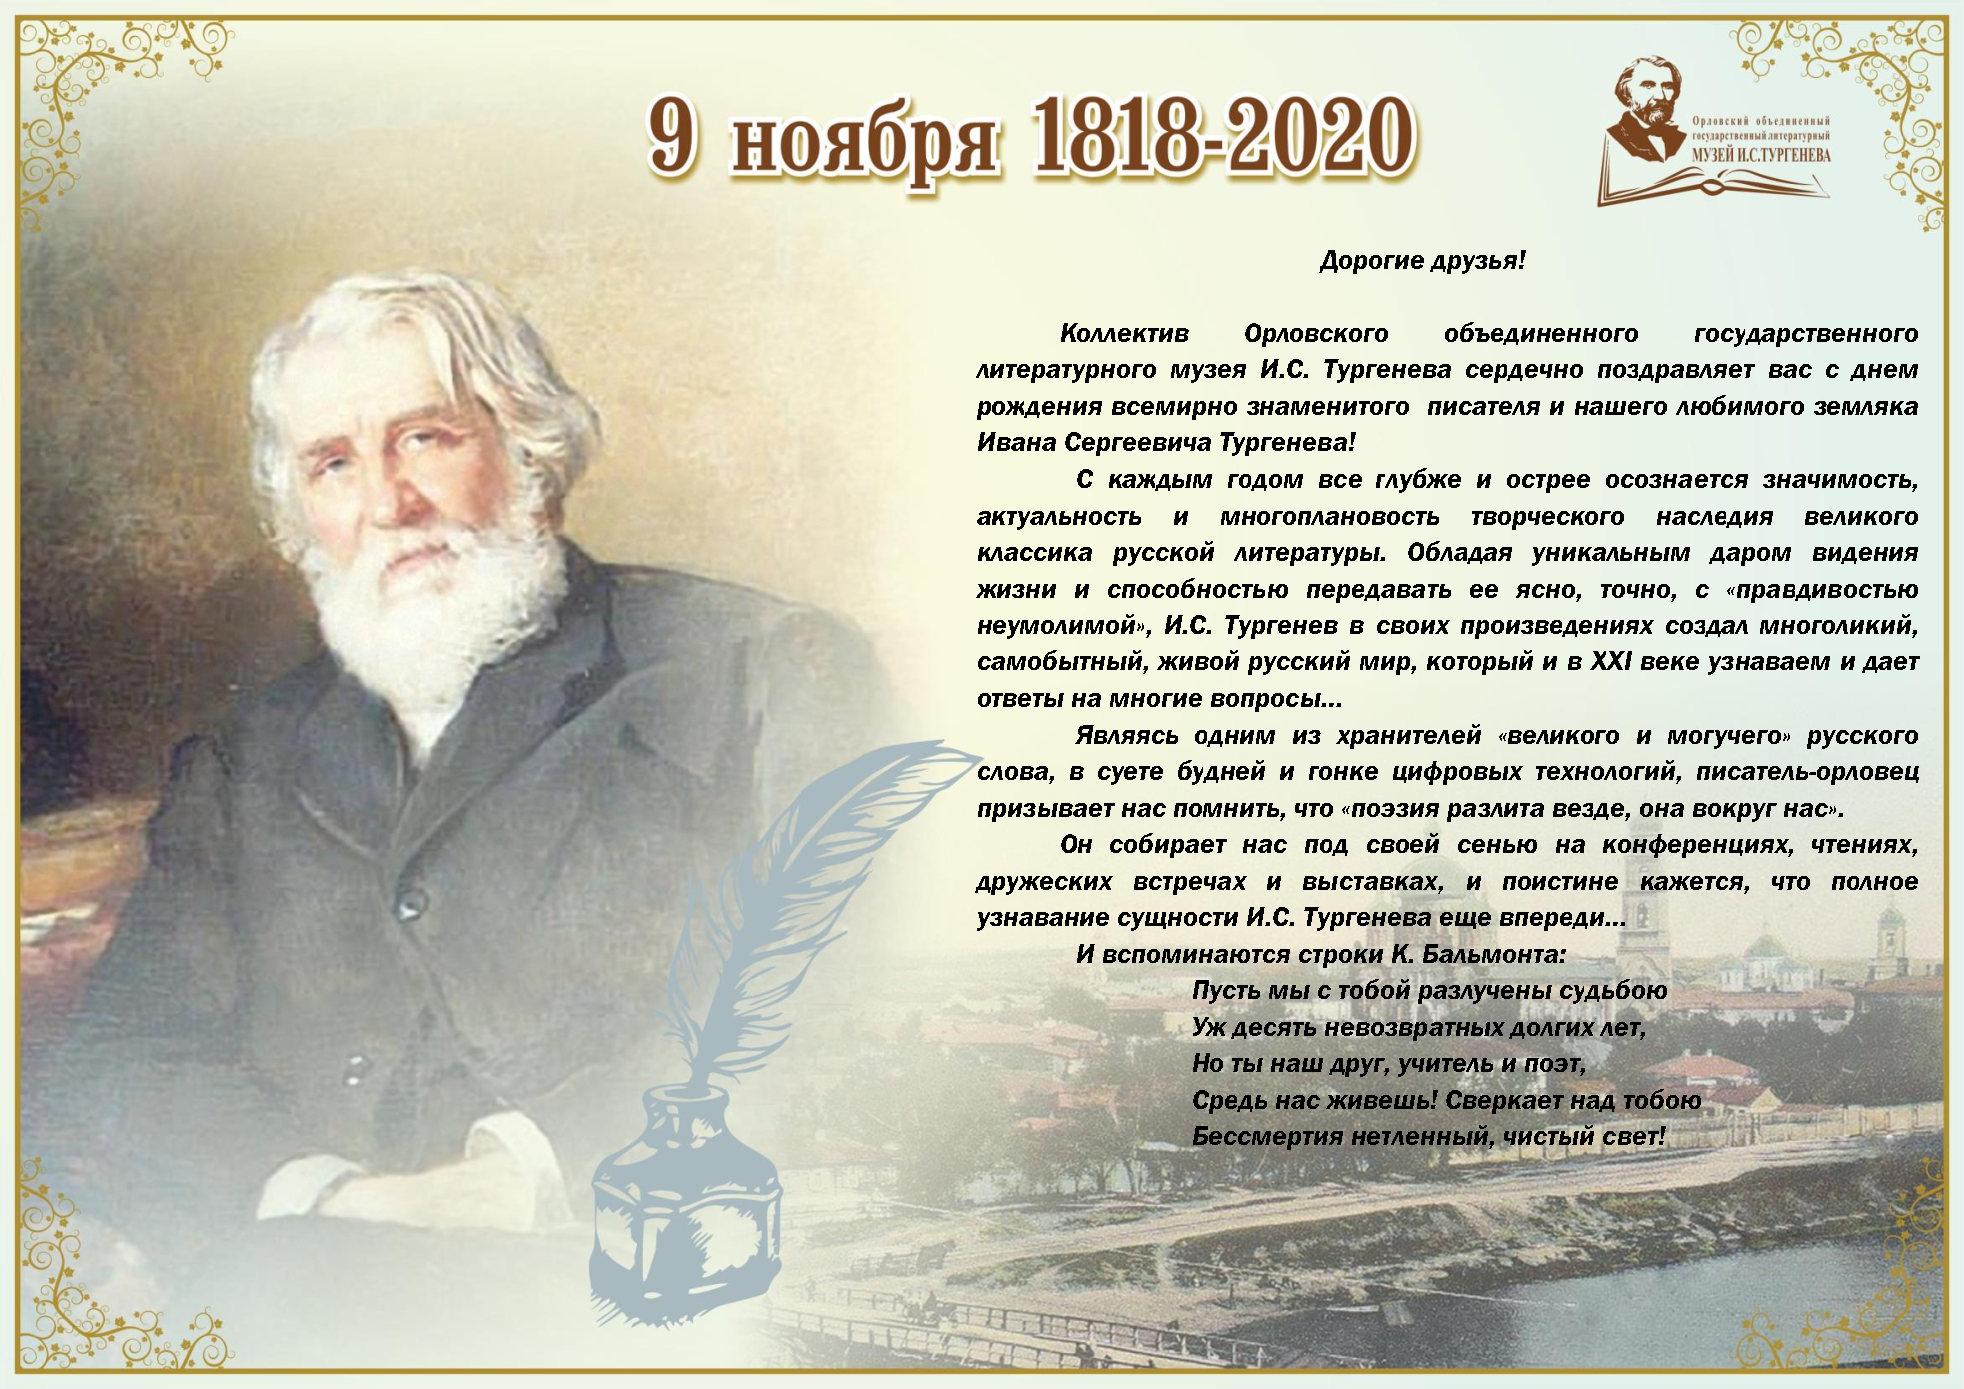 С днём рождения Ивана Сергеевича Тургенева!